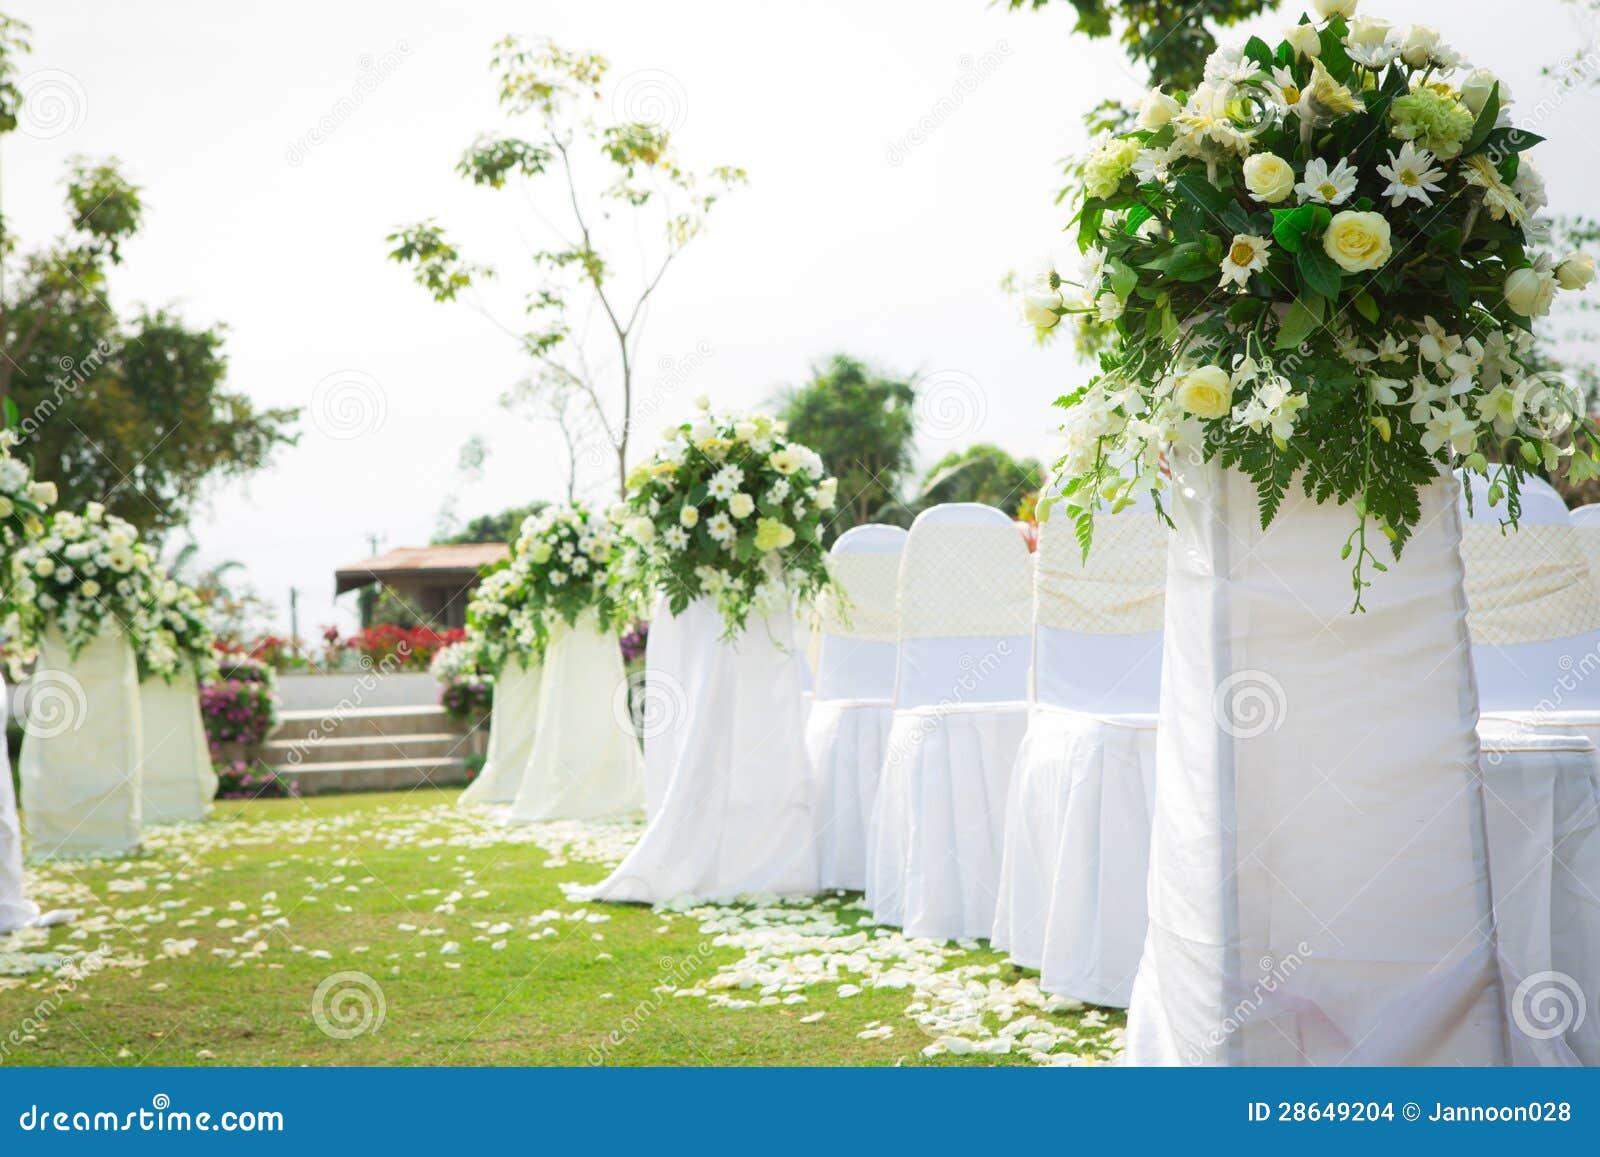 Ceremonia de boda en jard n hermoso imagenes de archivo for Bodas en jardin